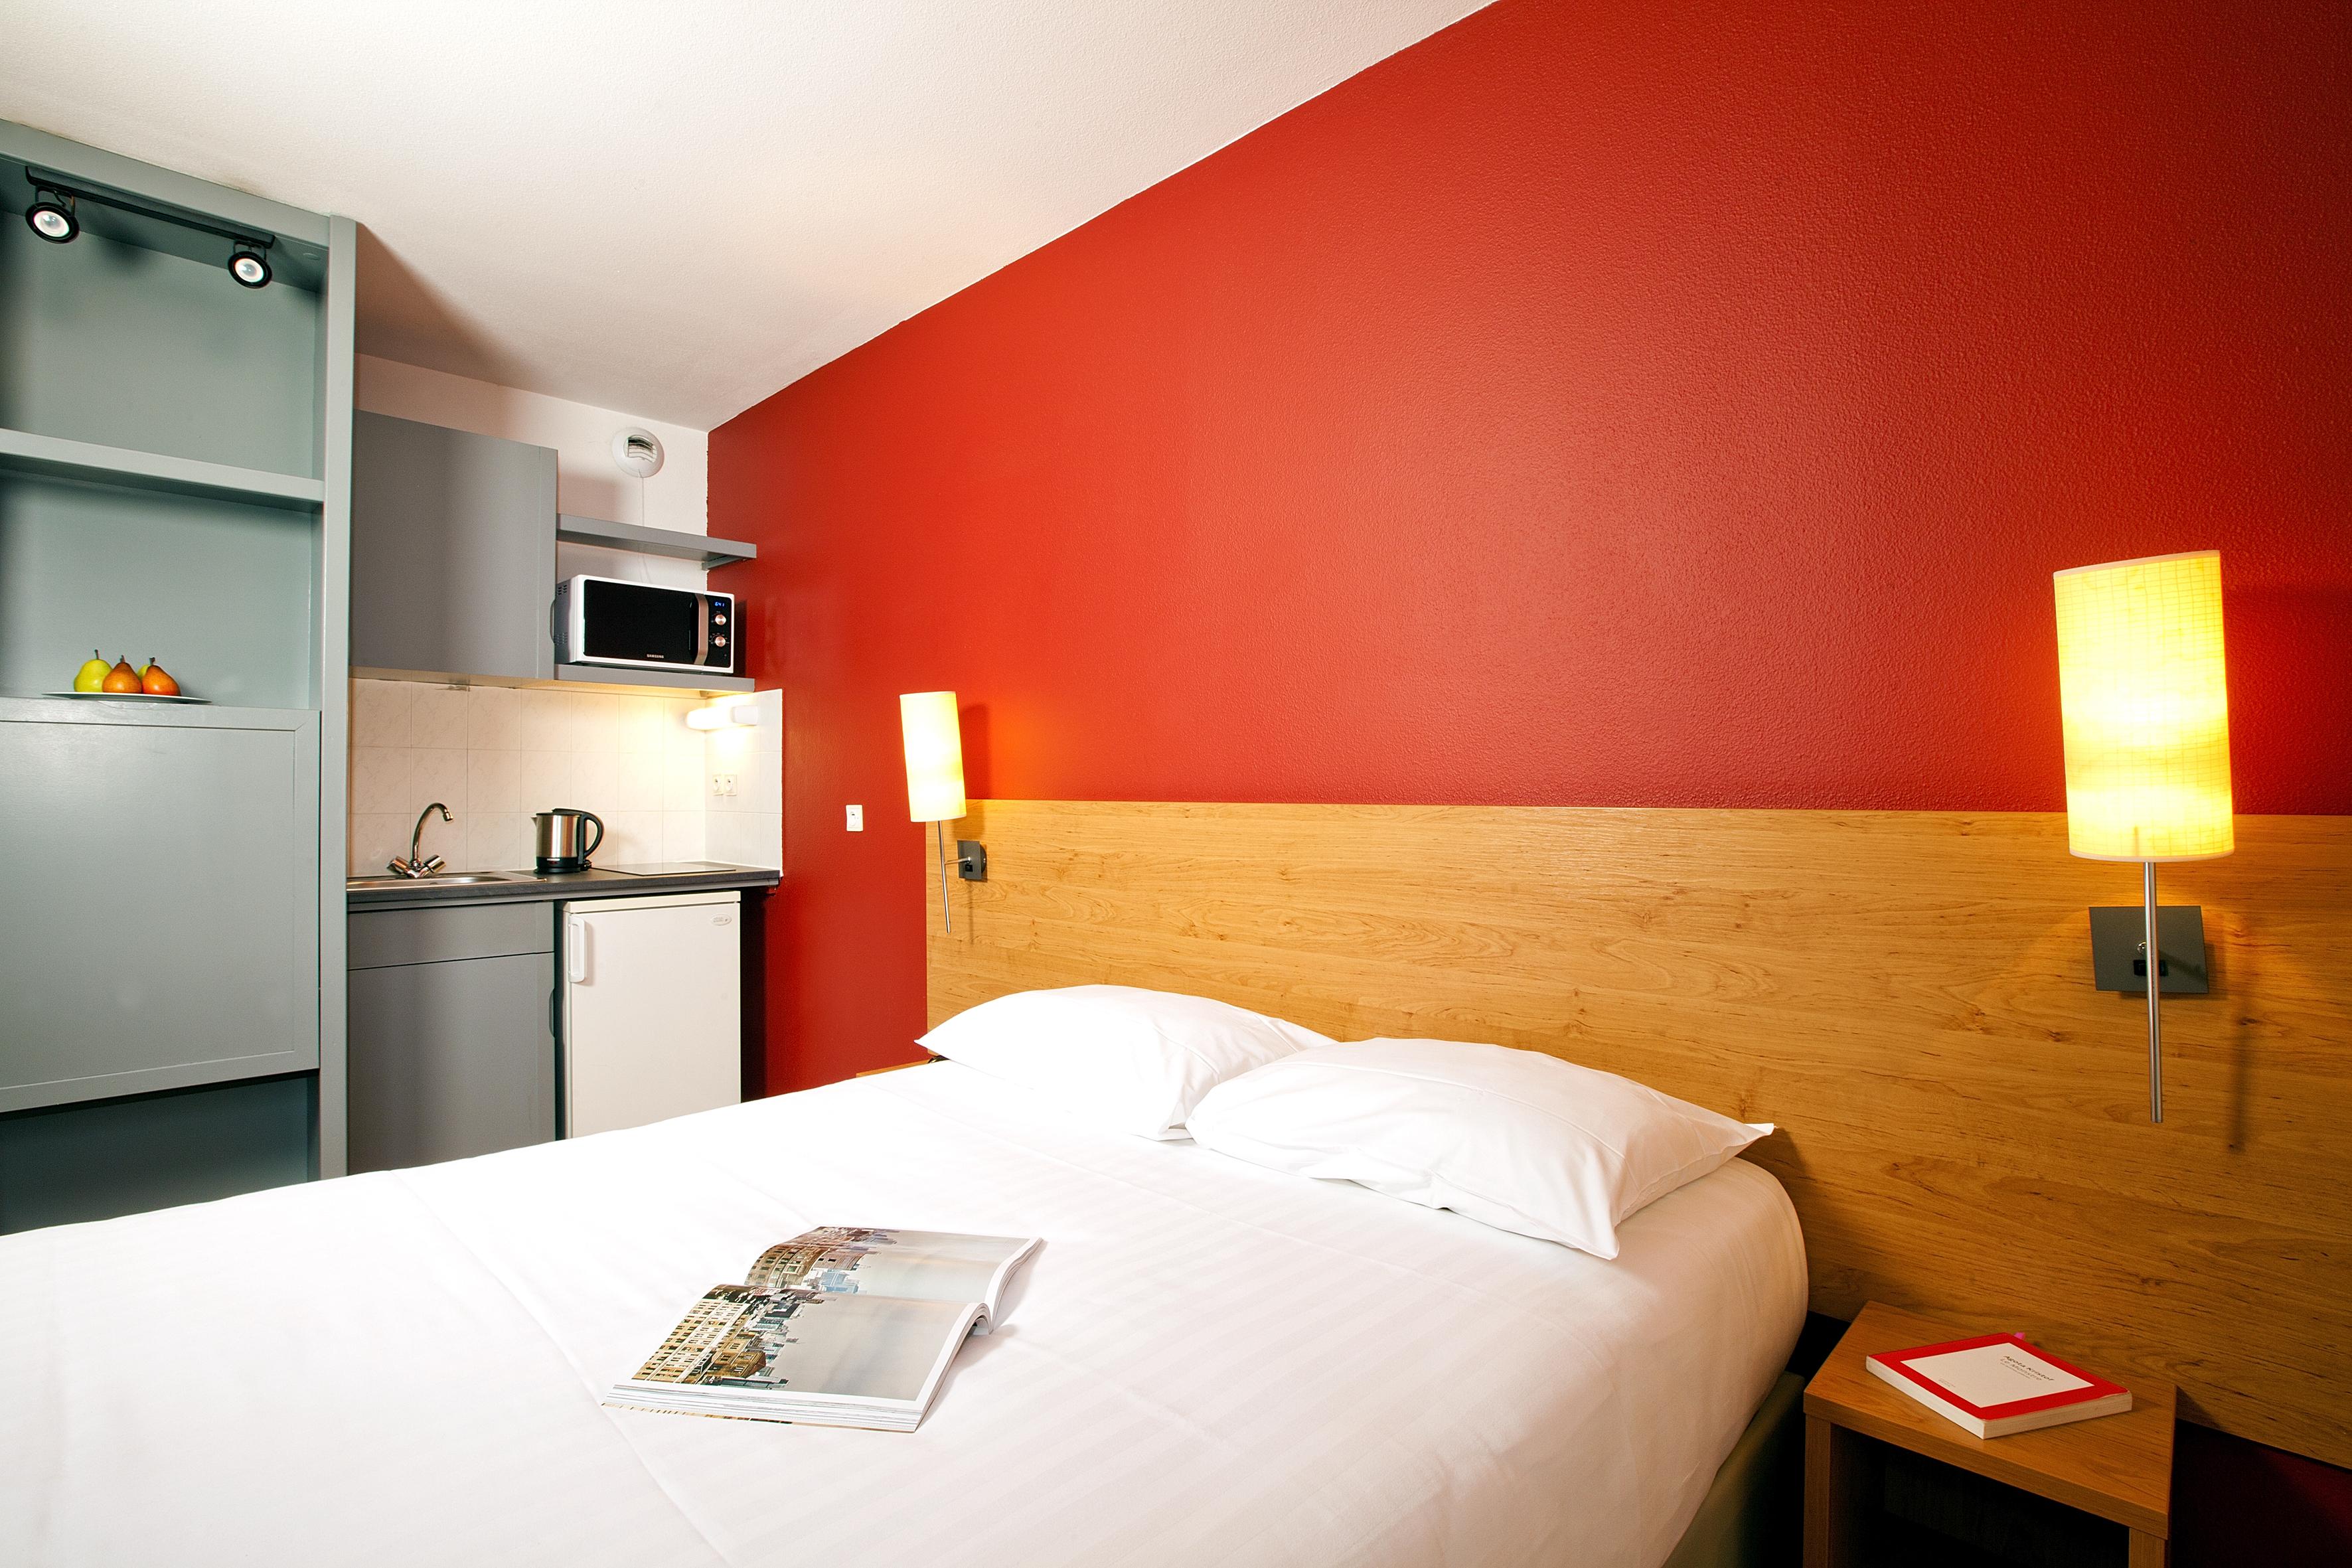 résidence, saxe gambetta, lyon, appart hotel, séjours et affaires, chambre, alliance française de lyon